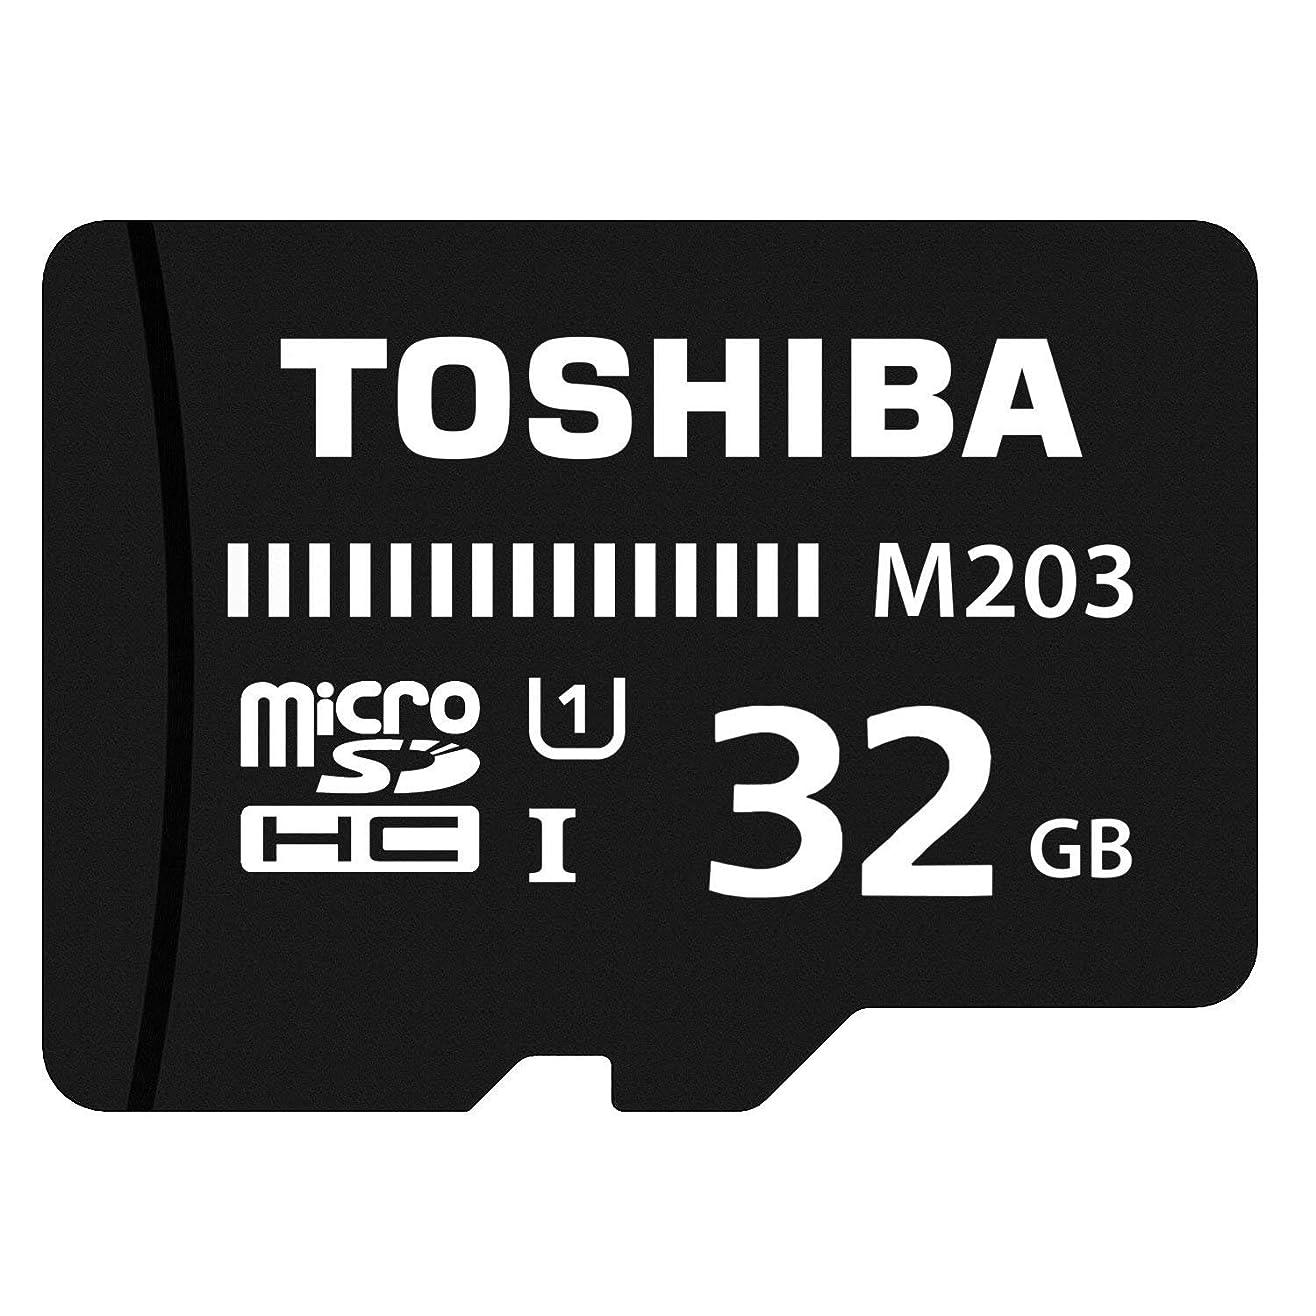 達成抗議退化するmicroSDHC 32GB 東芝 Toshiba 超高速UHS-I フルHD動画撮影 【2年保証】[バルク品]